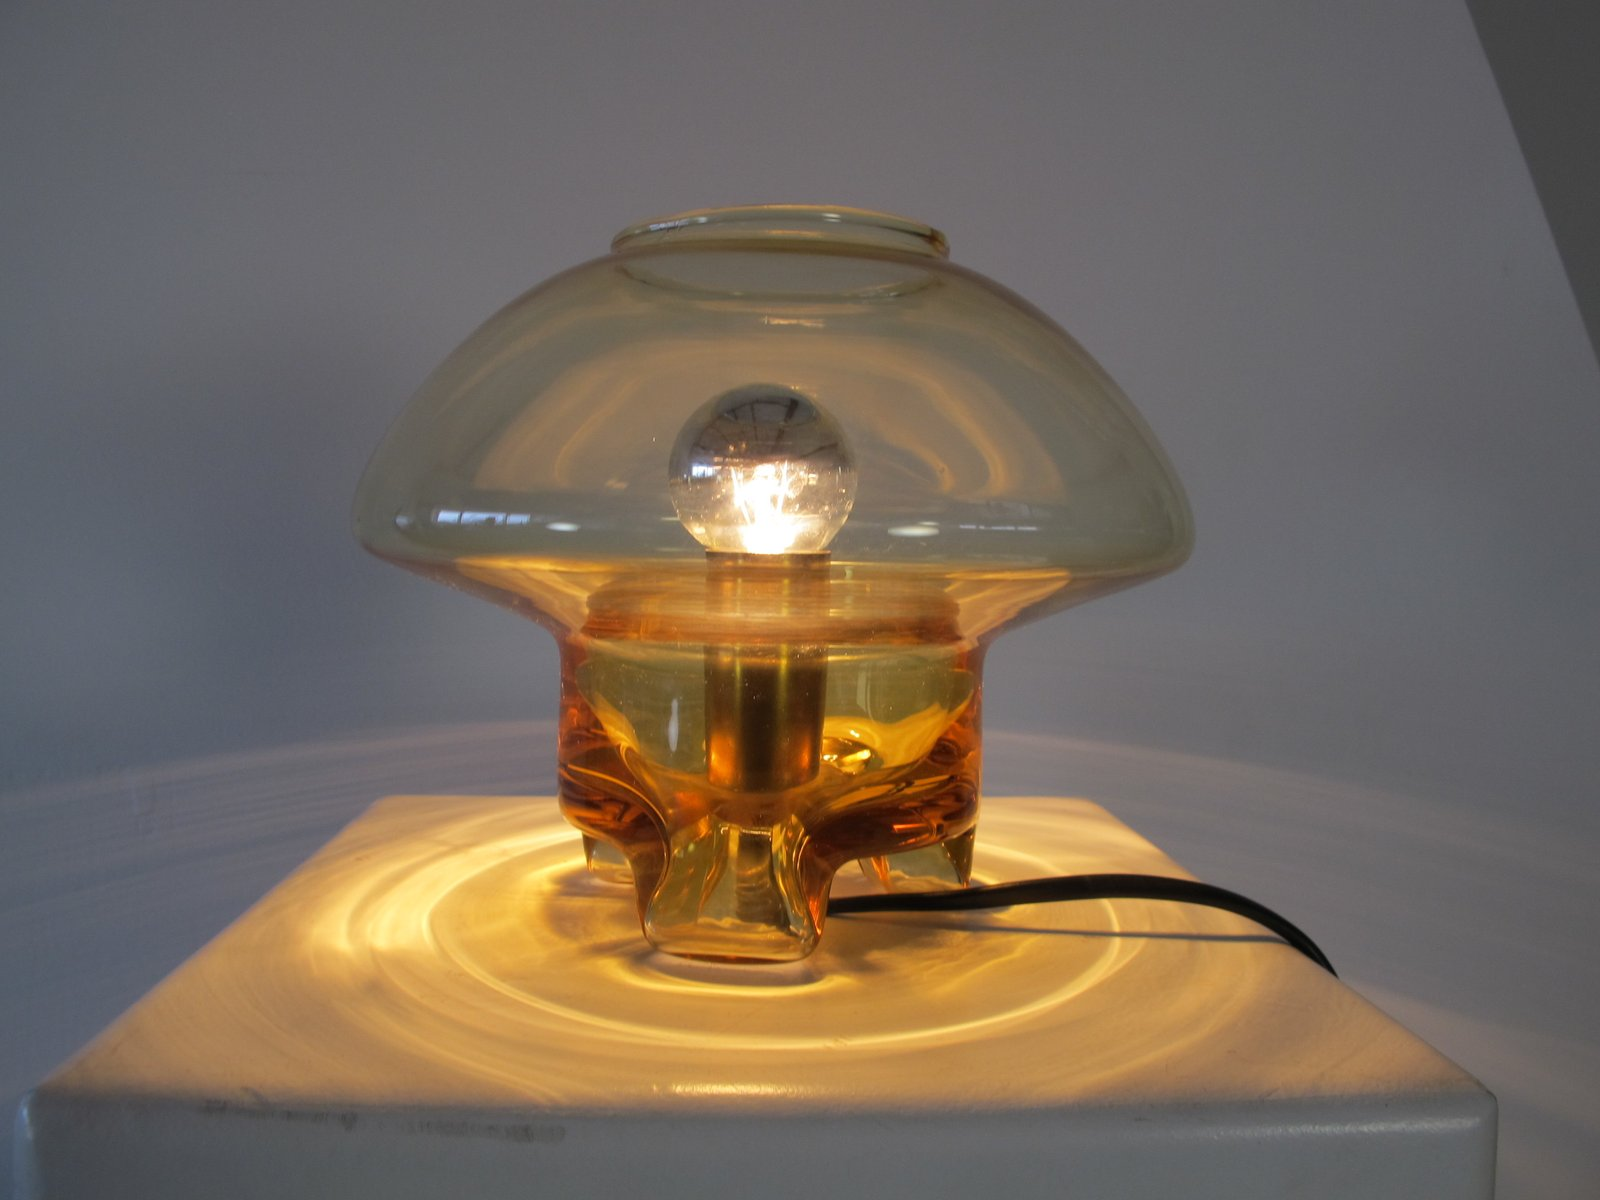 Lampada da tavolo vintage in vetro a forma di fungo di raak anni 39 70 in vendita su pamono - Lampada da tavolo vintage ...